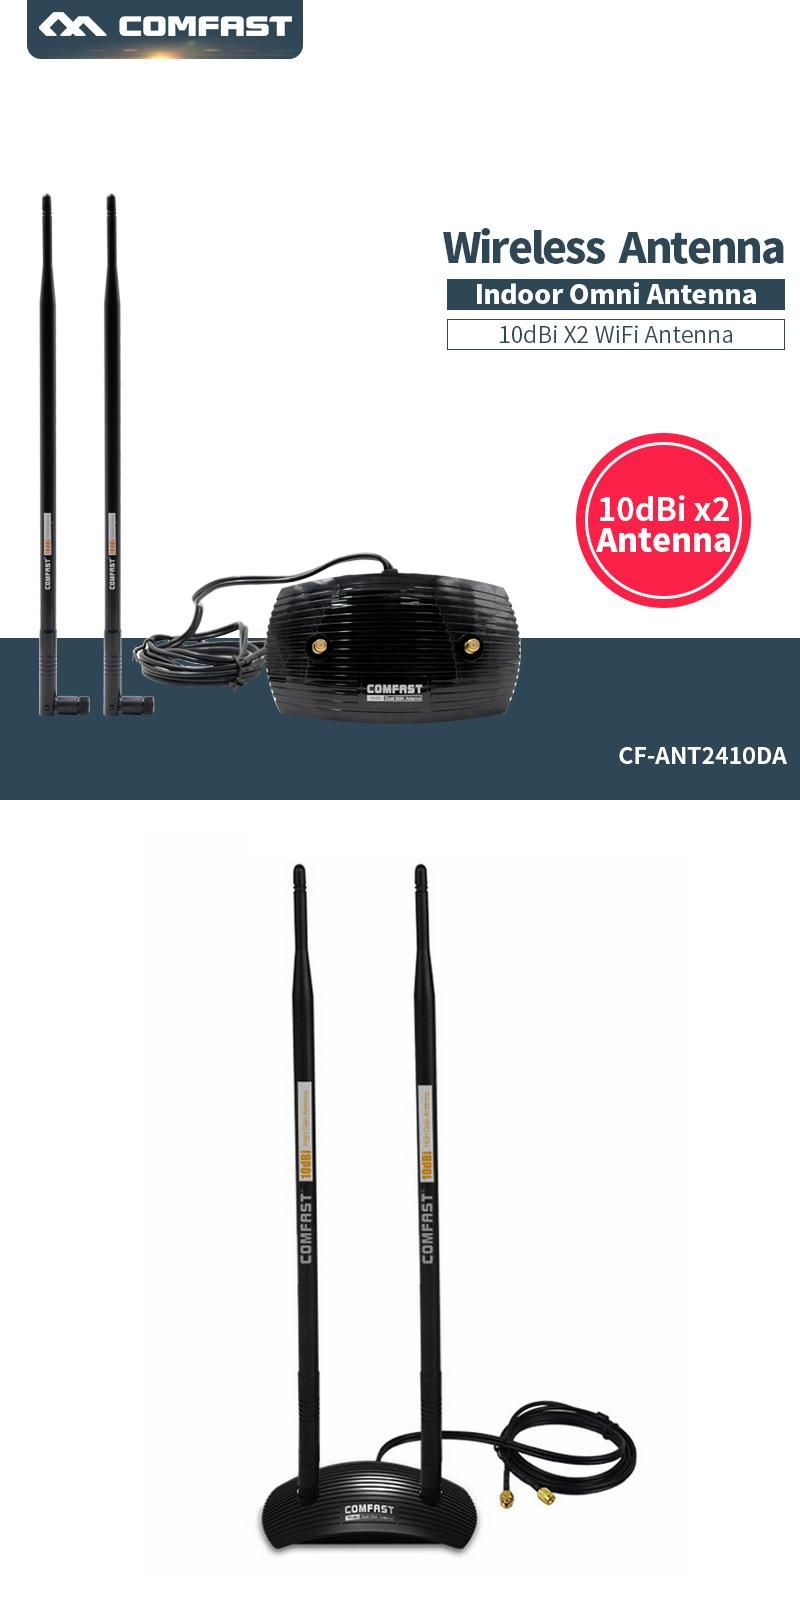 10dBi High Gain 2.4GHz 802.11 b//g//n Omni WiFi Antenna RP-SMA Connector